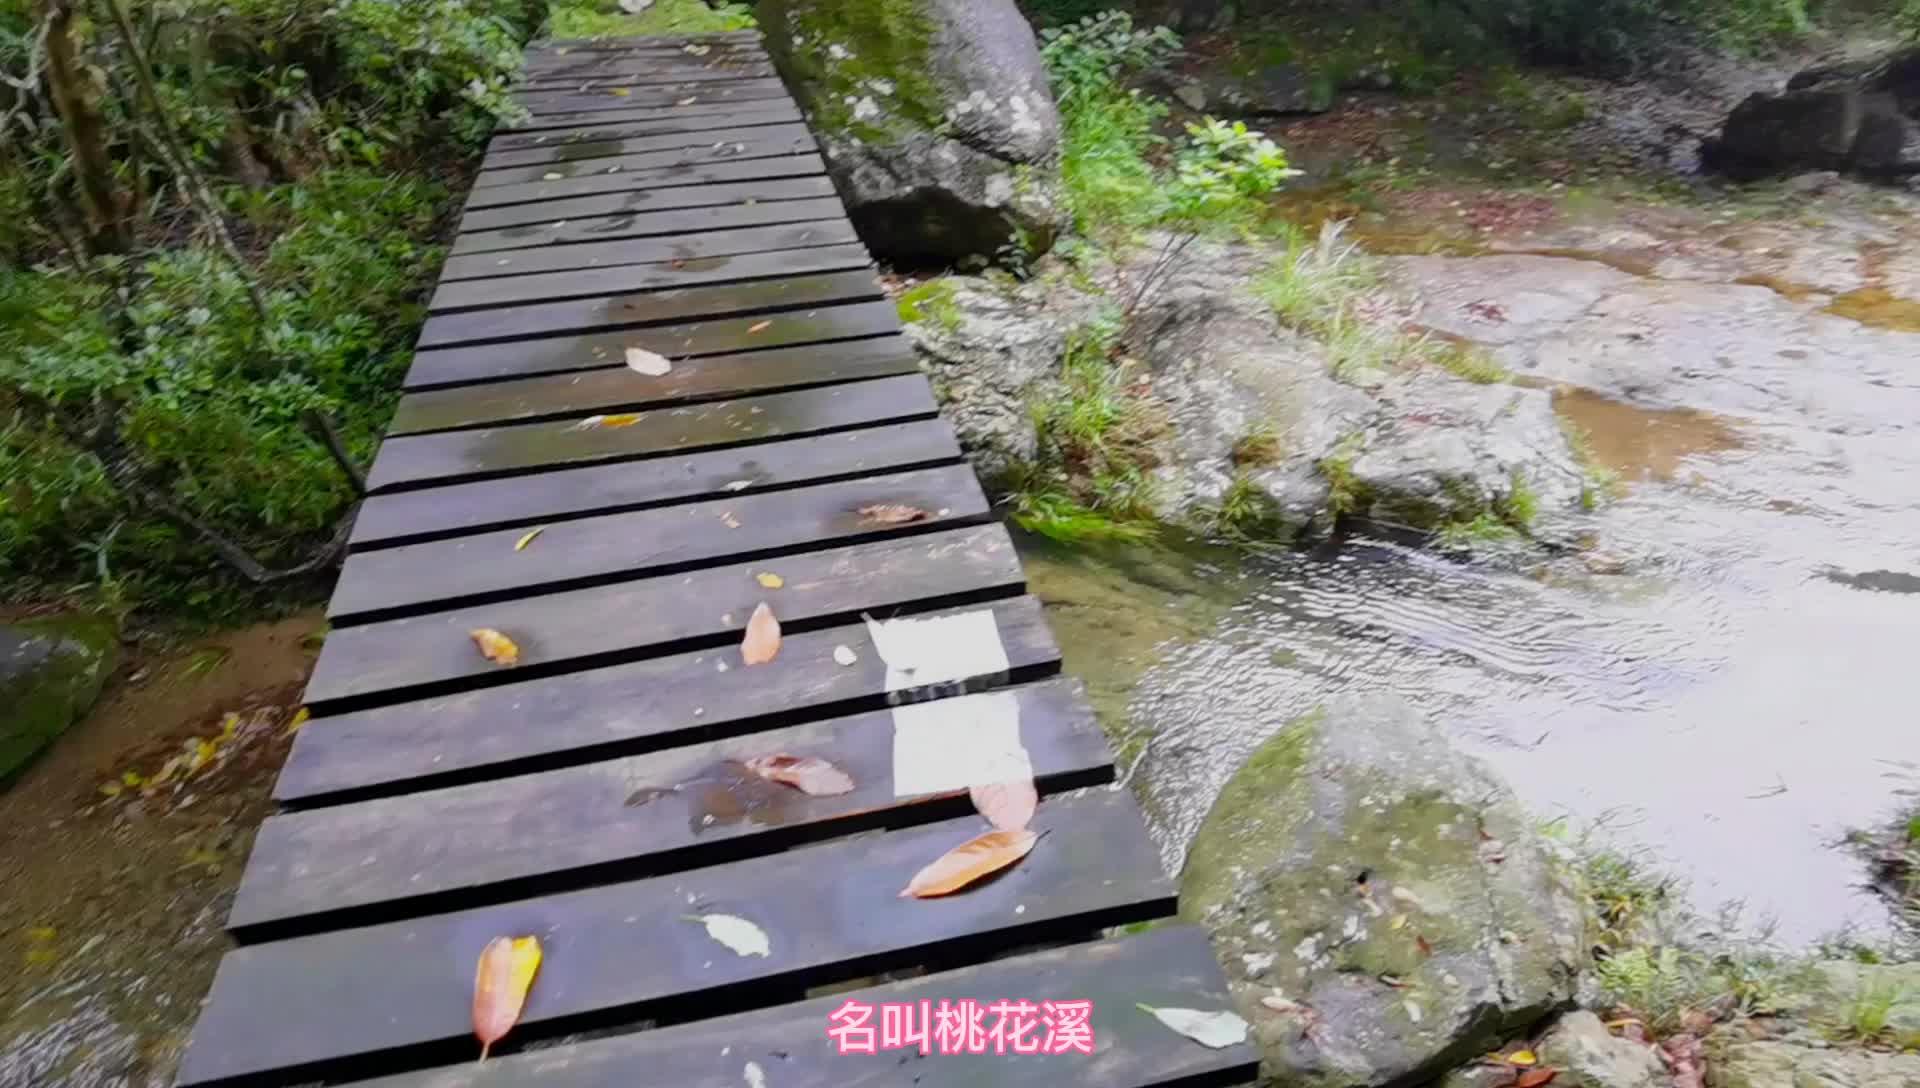 东海云顶桃花溪,五道瀑布,隐在桃花源